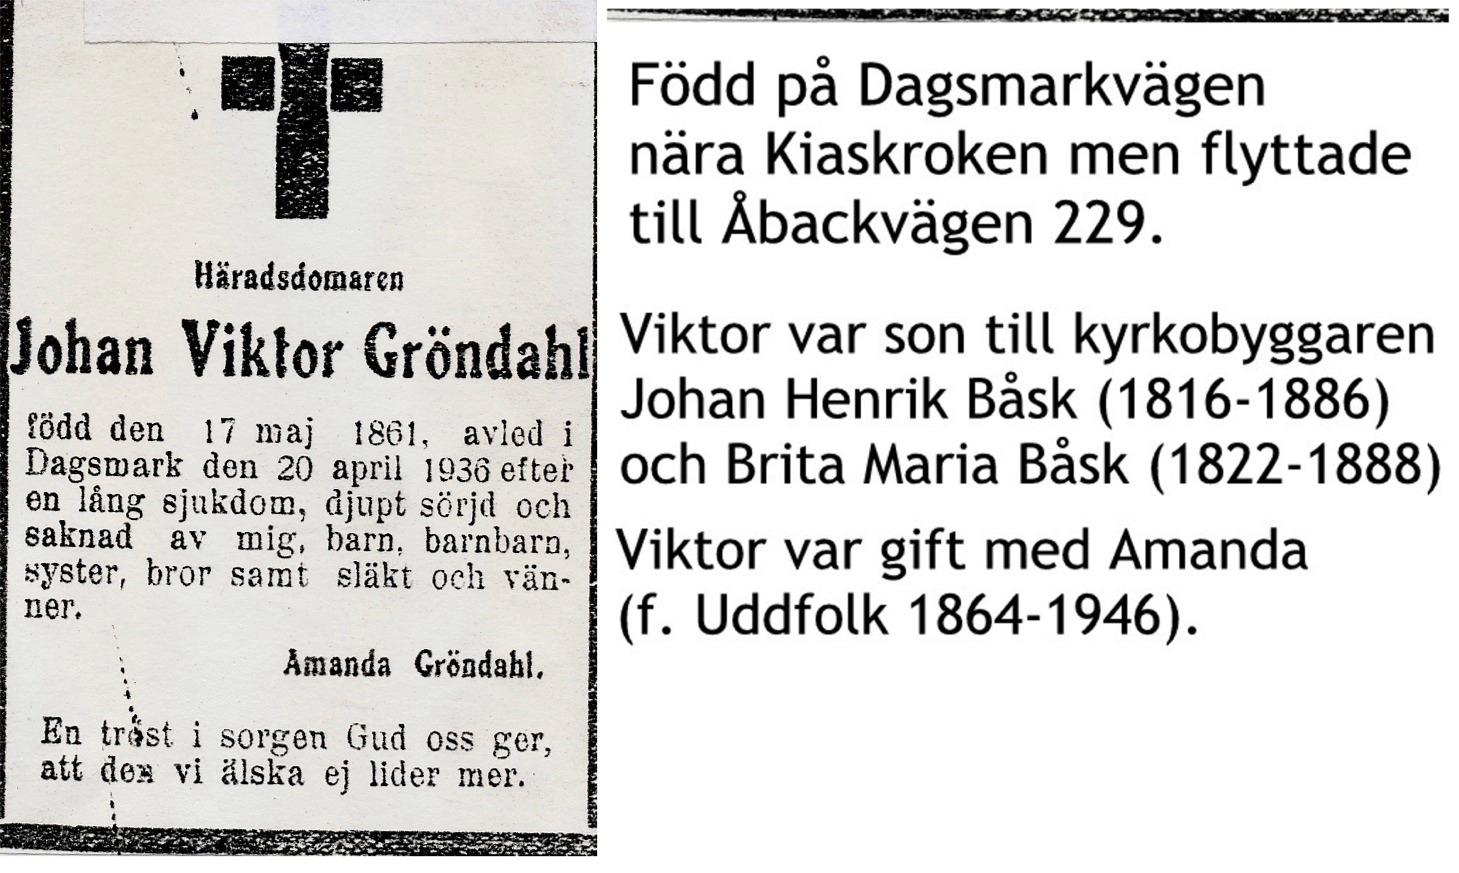 Gröndahl Johan Viktor häradsdomare